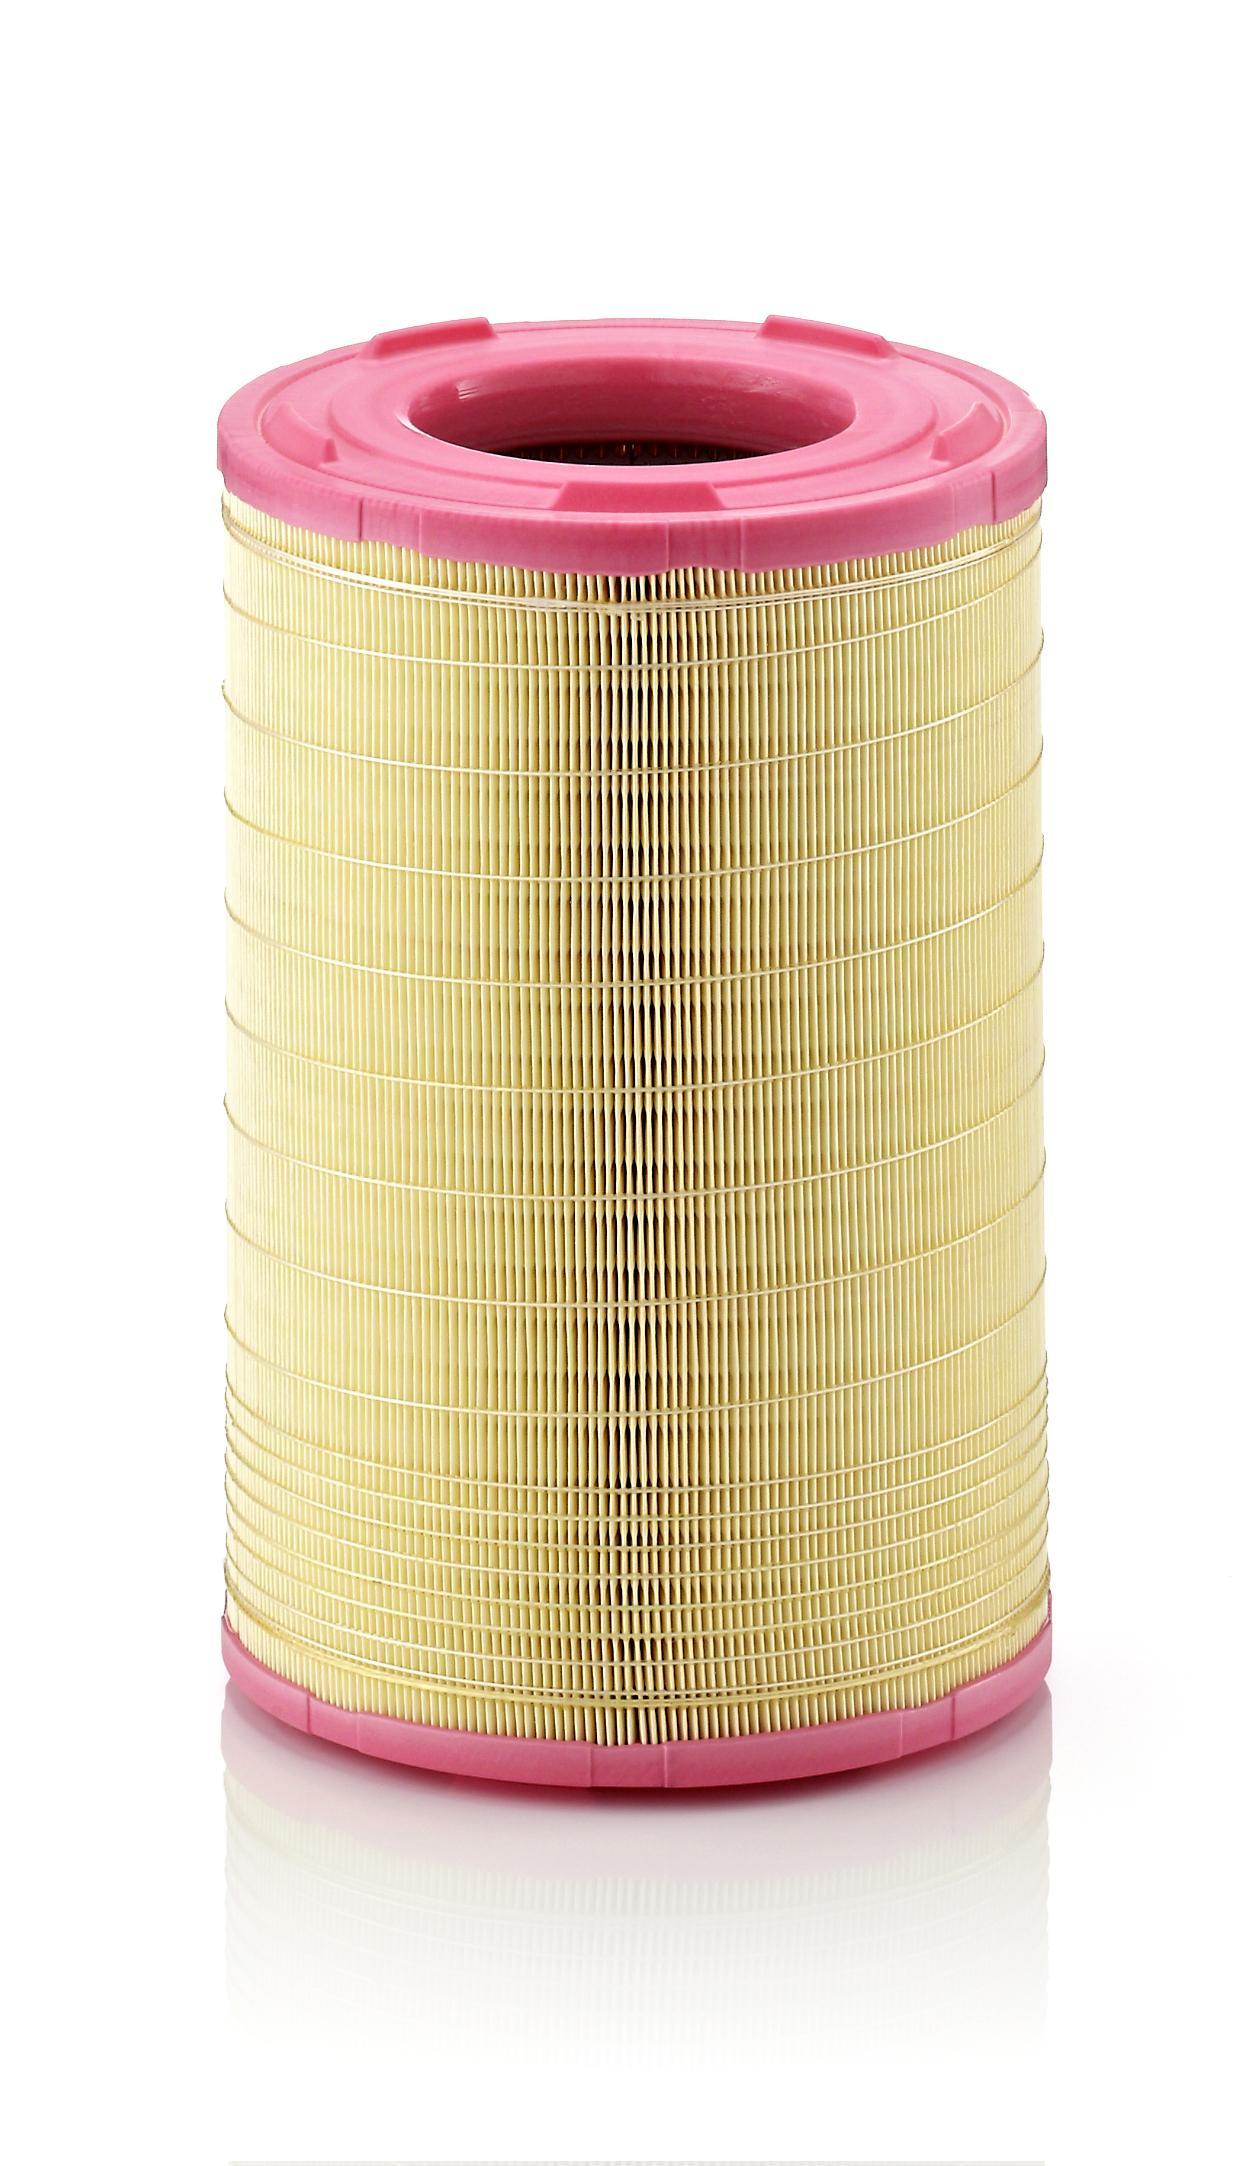 MANN-FILTER Luftfilter für VOLVO - Artikelnummer: C 25 003